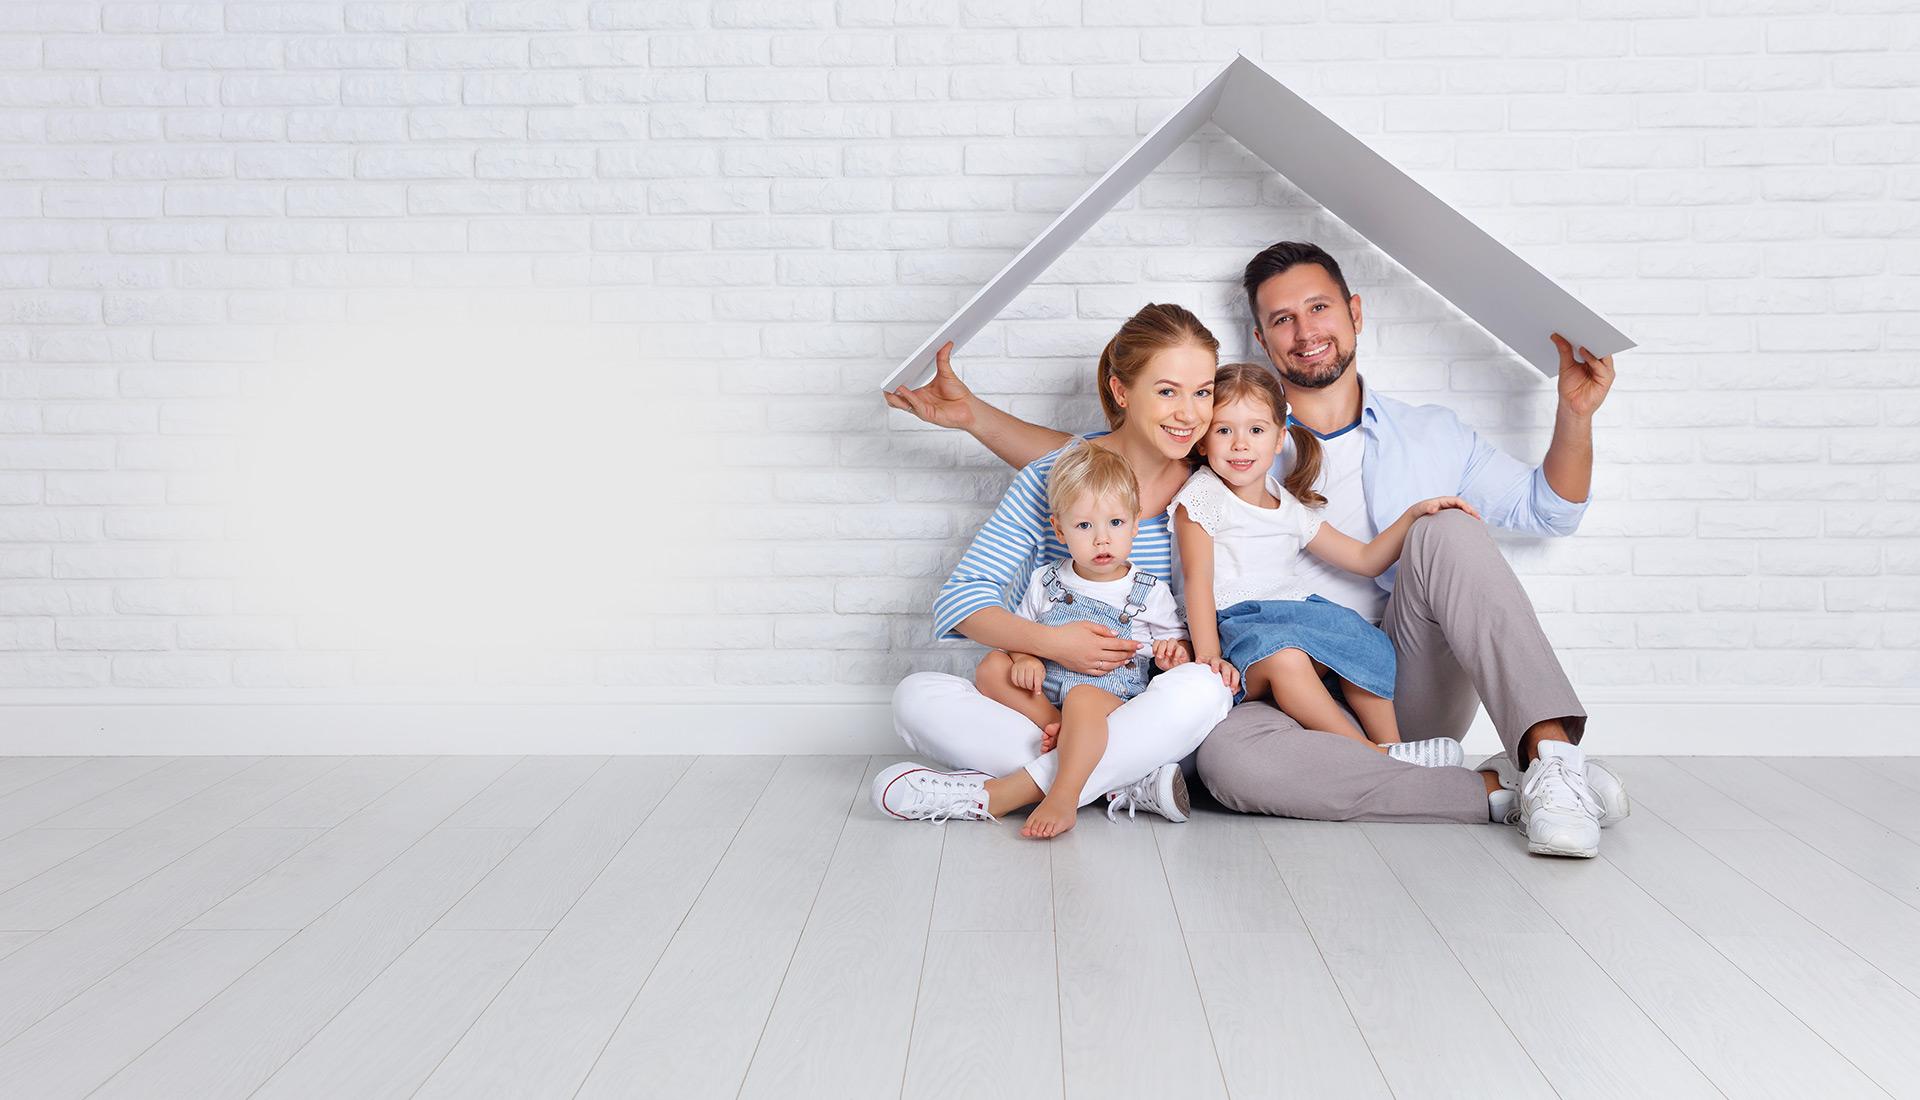 Stijgende woningprijzen? Denk aan kelderrenovatie!